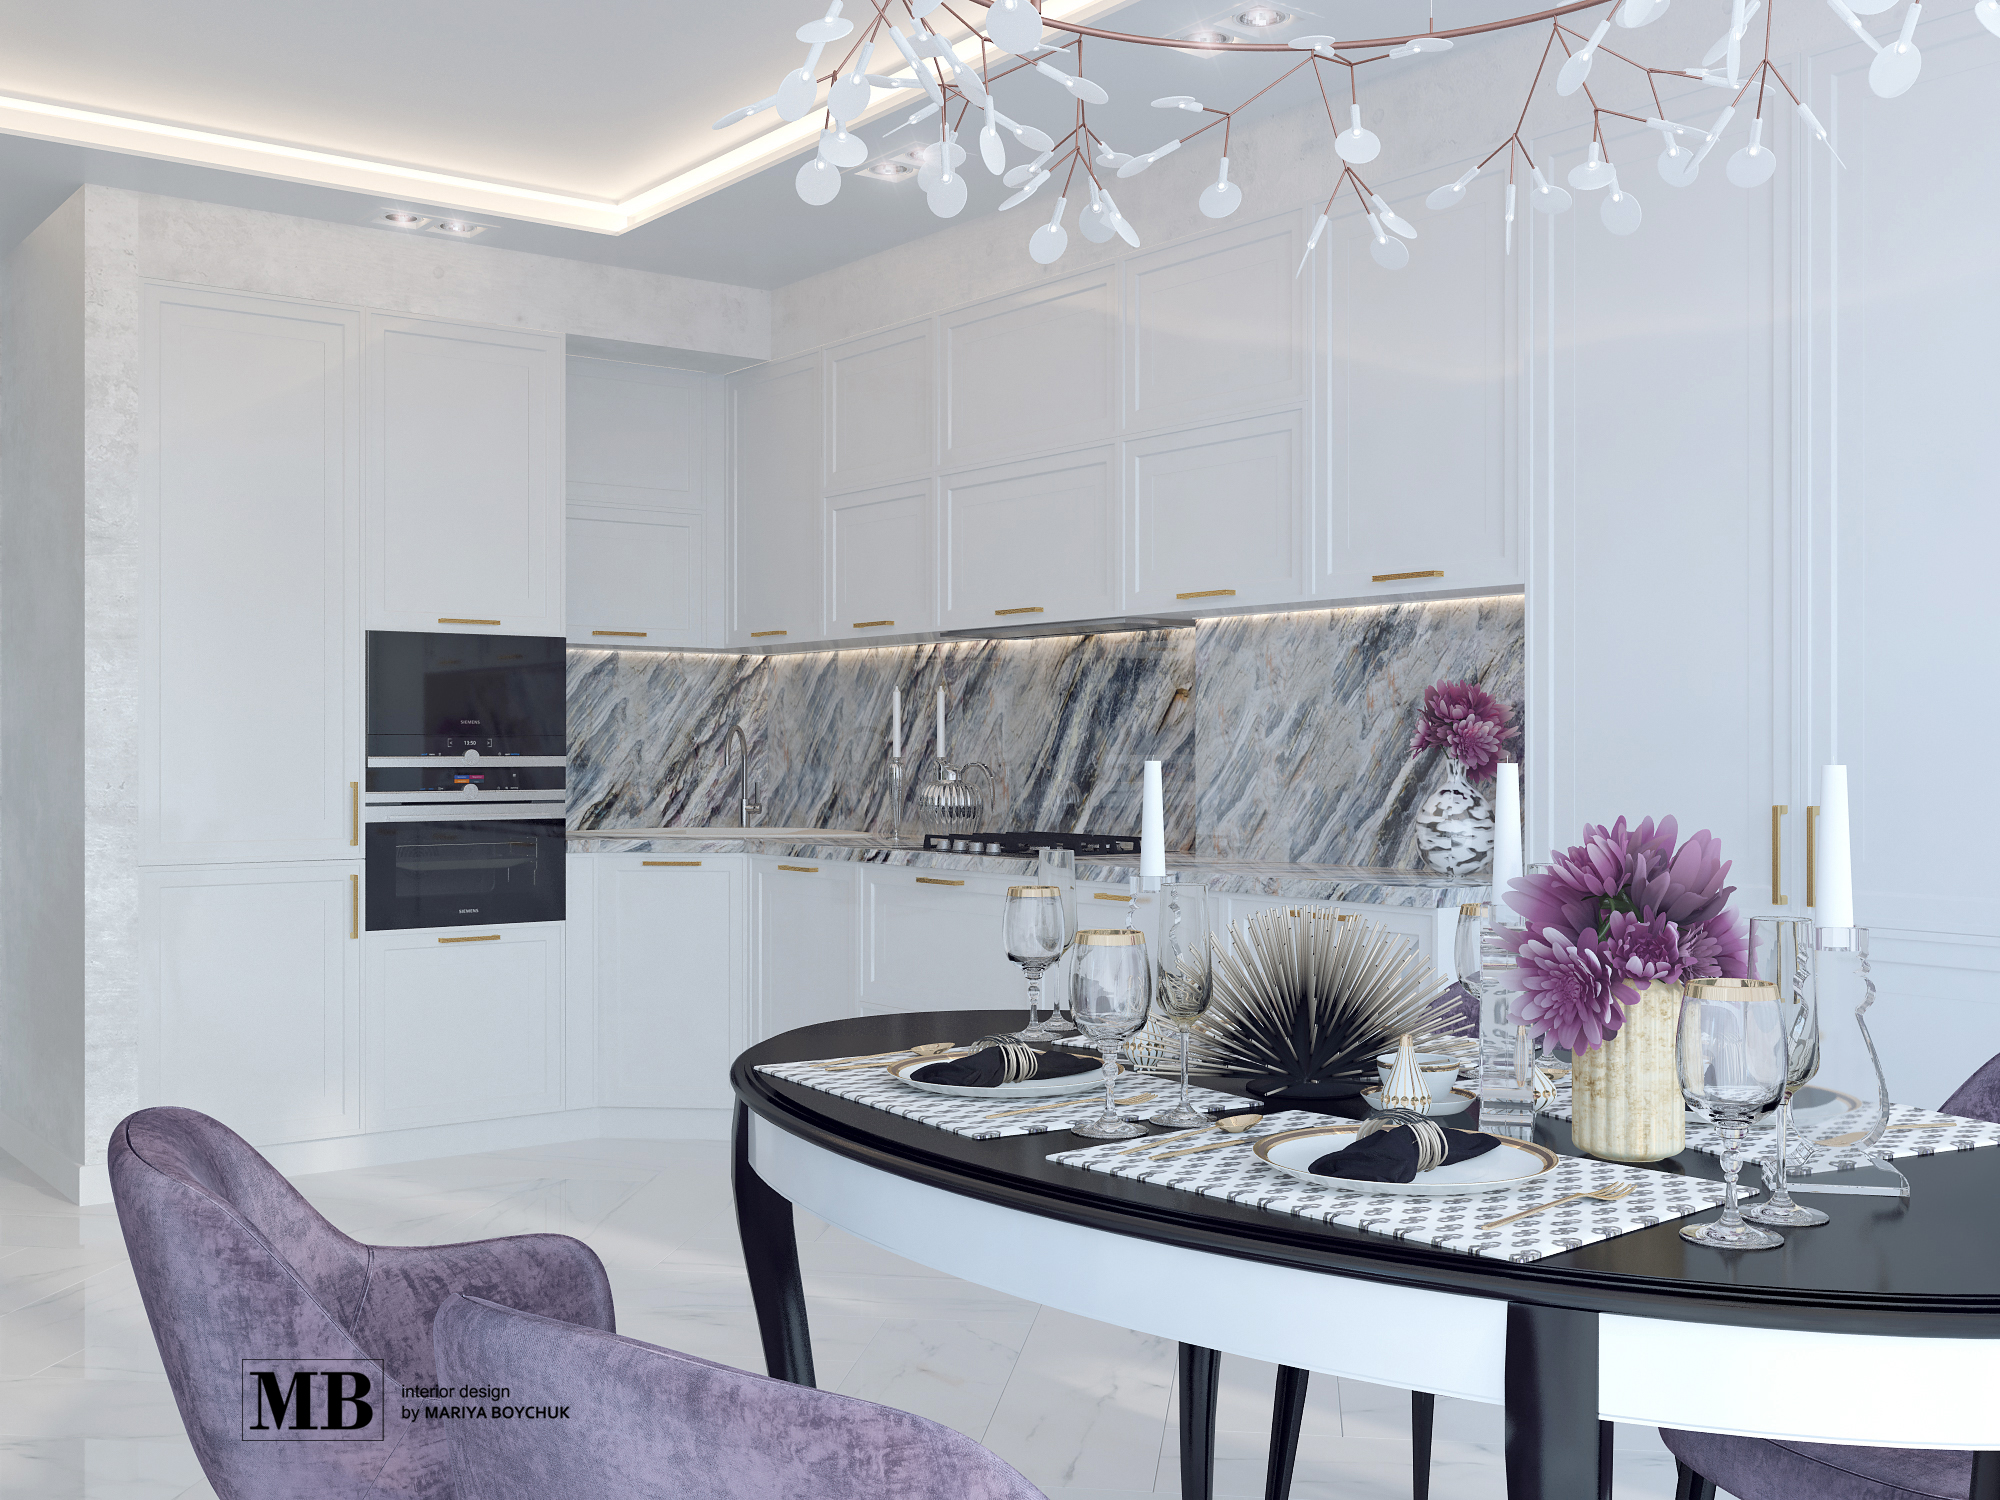 современный дизайн интерьера квартиры в г. Калининград